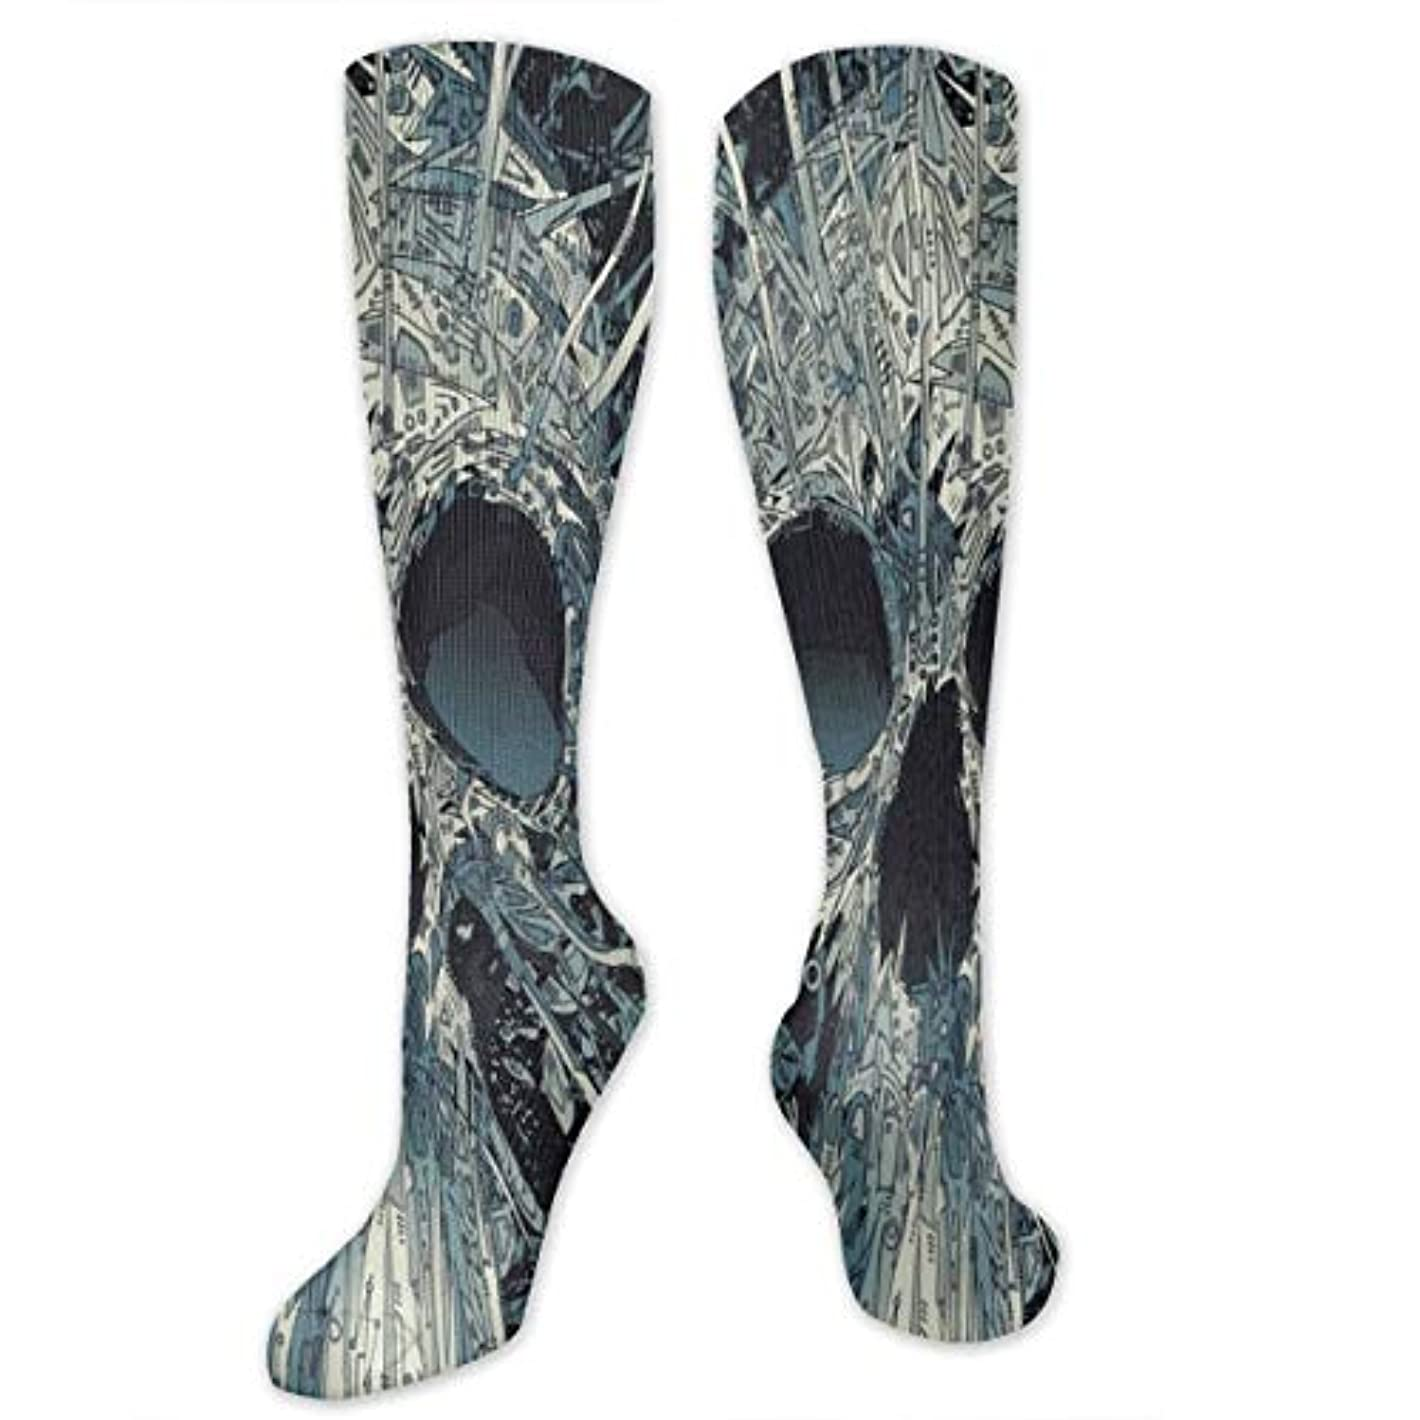 あさり恐れ主導権レディースファニーカジュアルソックスコットン抽象スカル(2)運動靴下